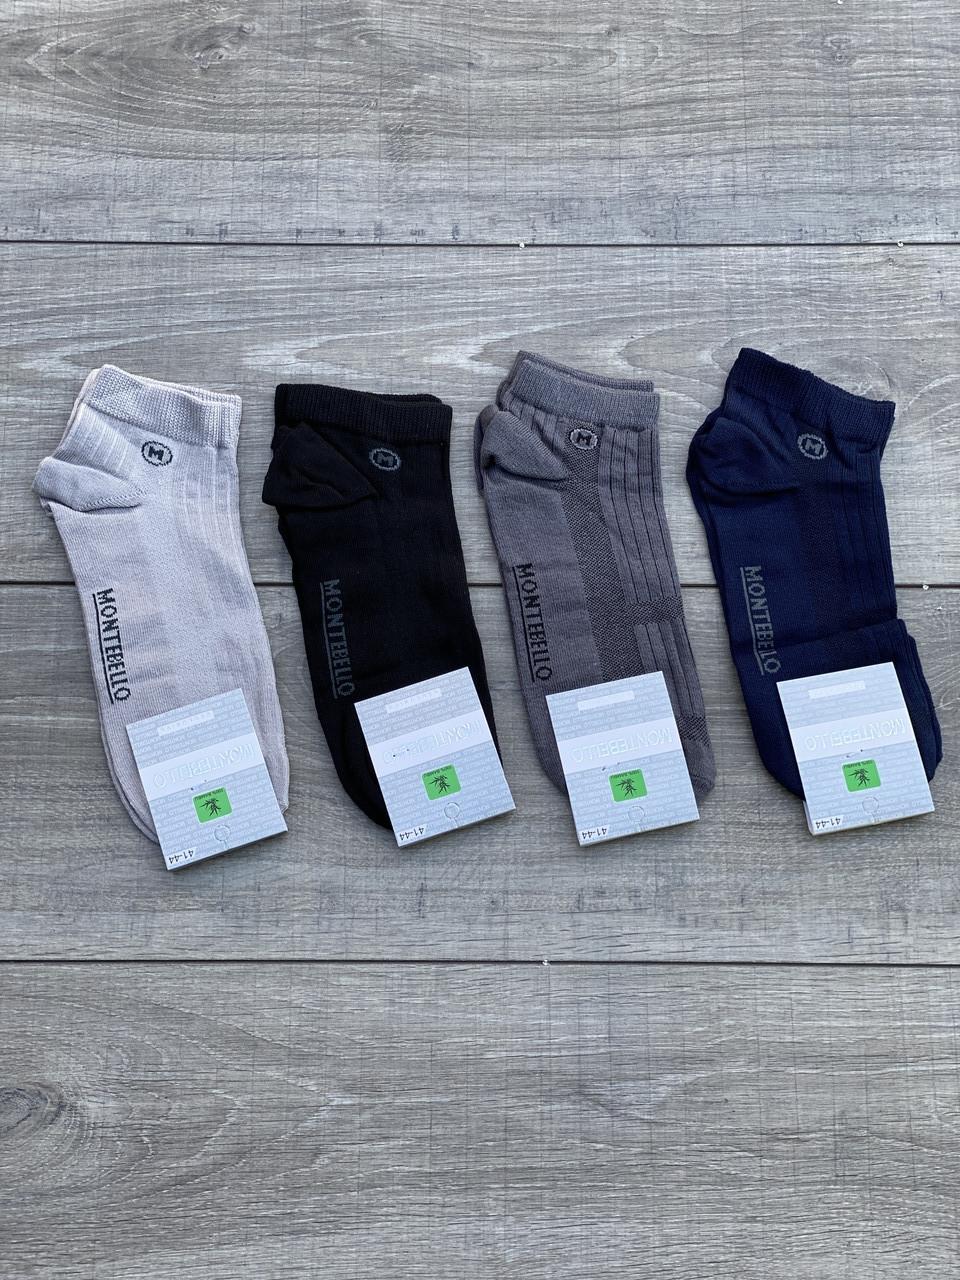 Мужские носки короткие хлопок Montebello в сетку с буквой М 41-44 12 шт в уп микс ассорти из 4х цветов